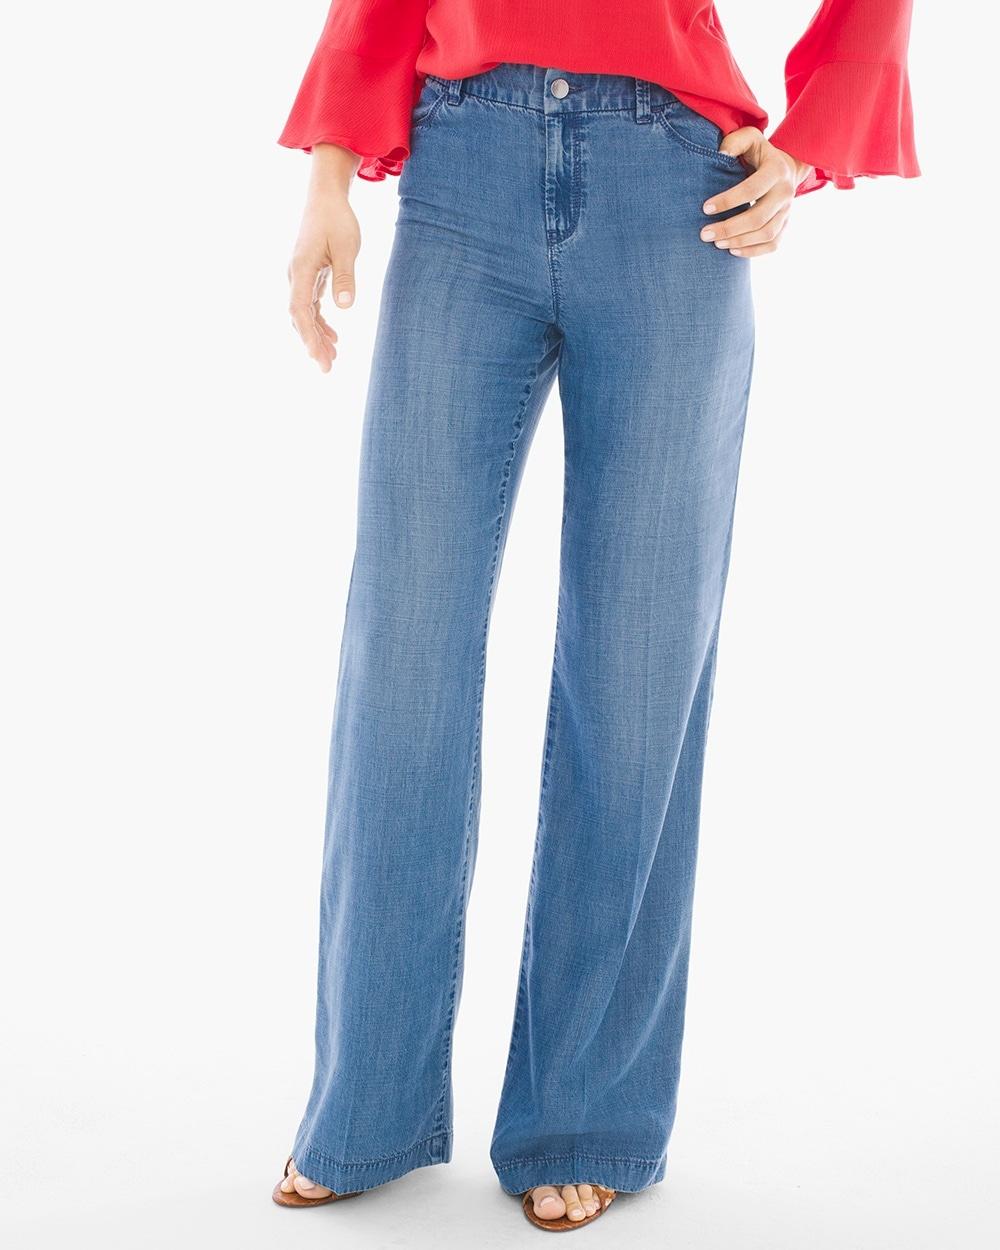 Platinum Wide-Leg Trouser Jeans - Chicos